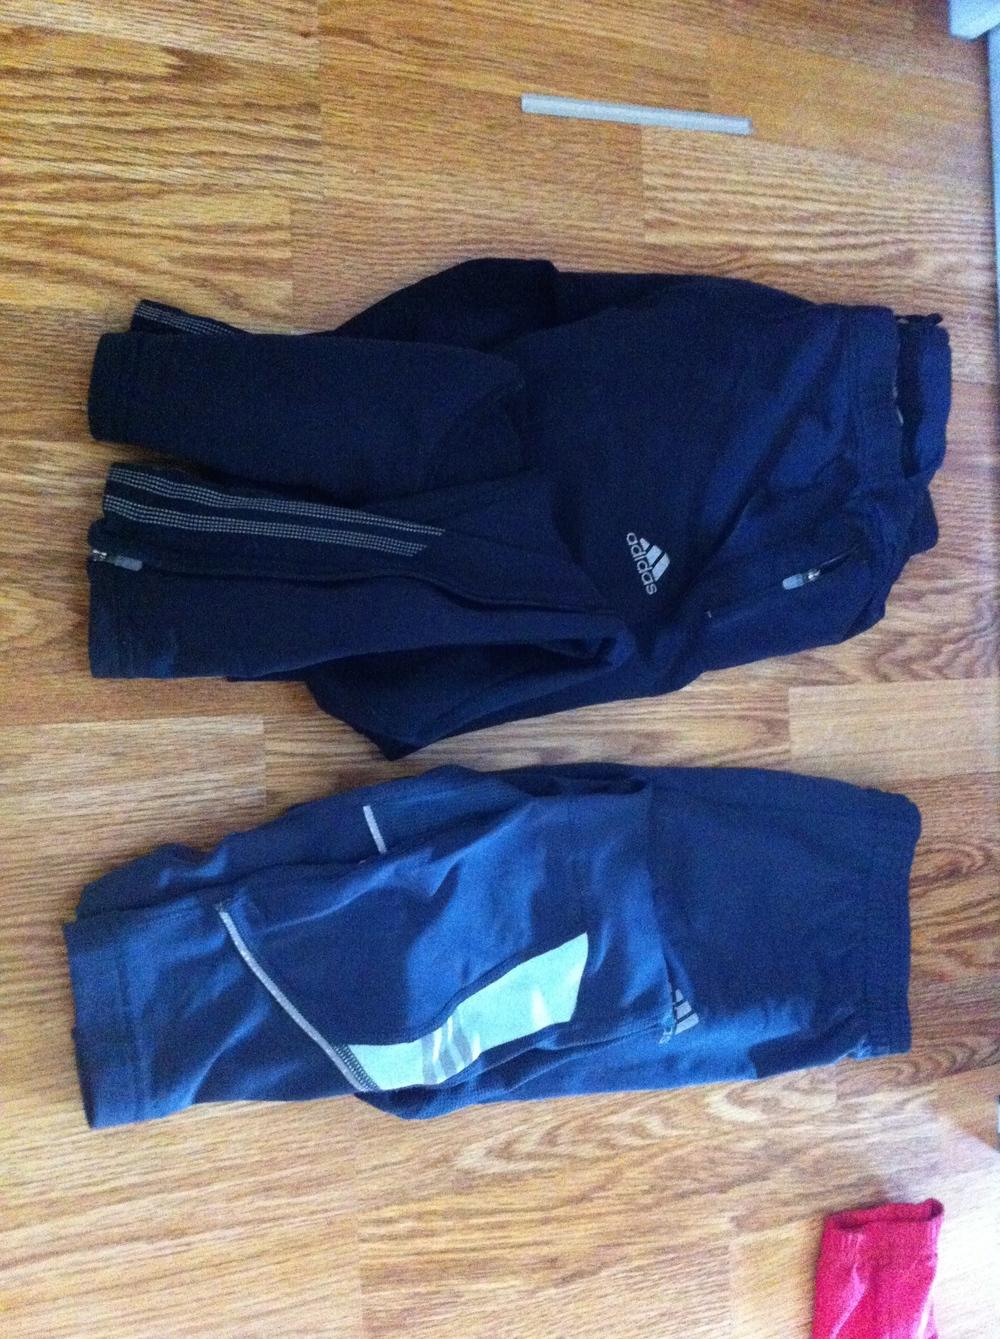 Løpetights, en svart og en grå/blå med litt grønt nederst på beina. Begge str ca medium/38.